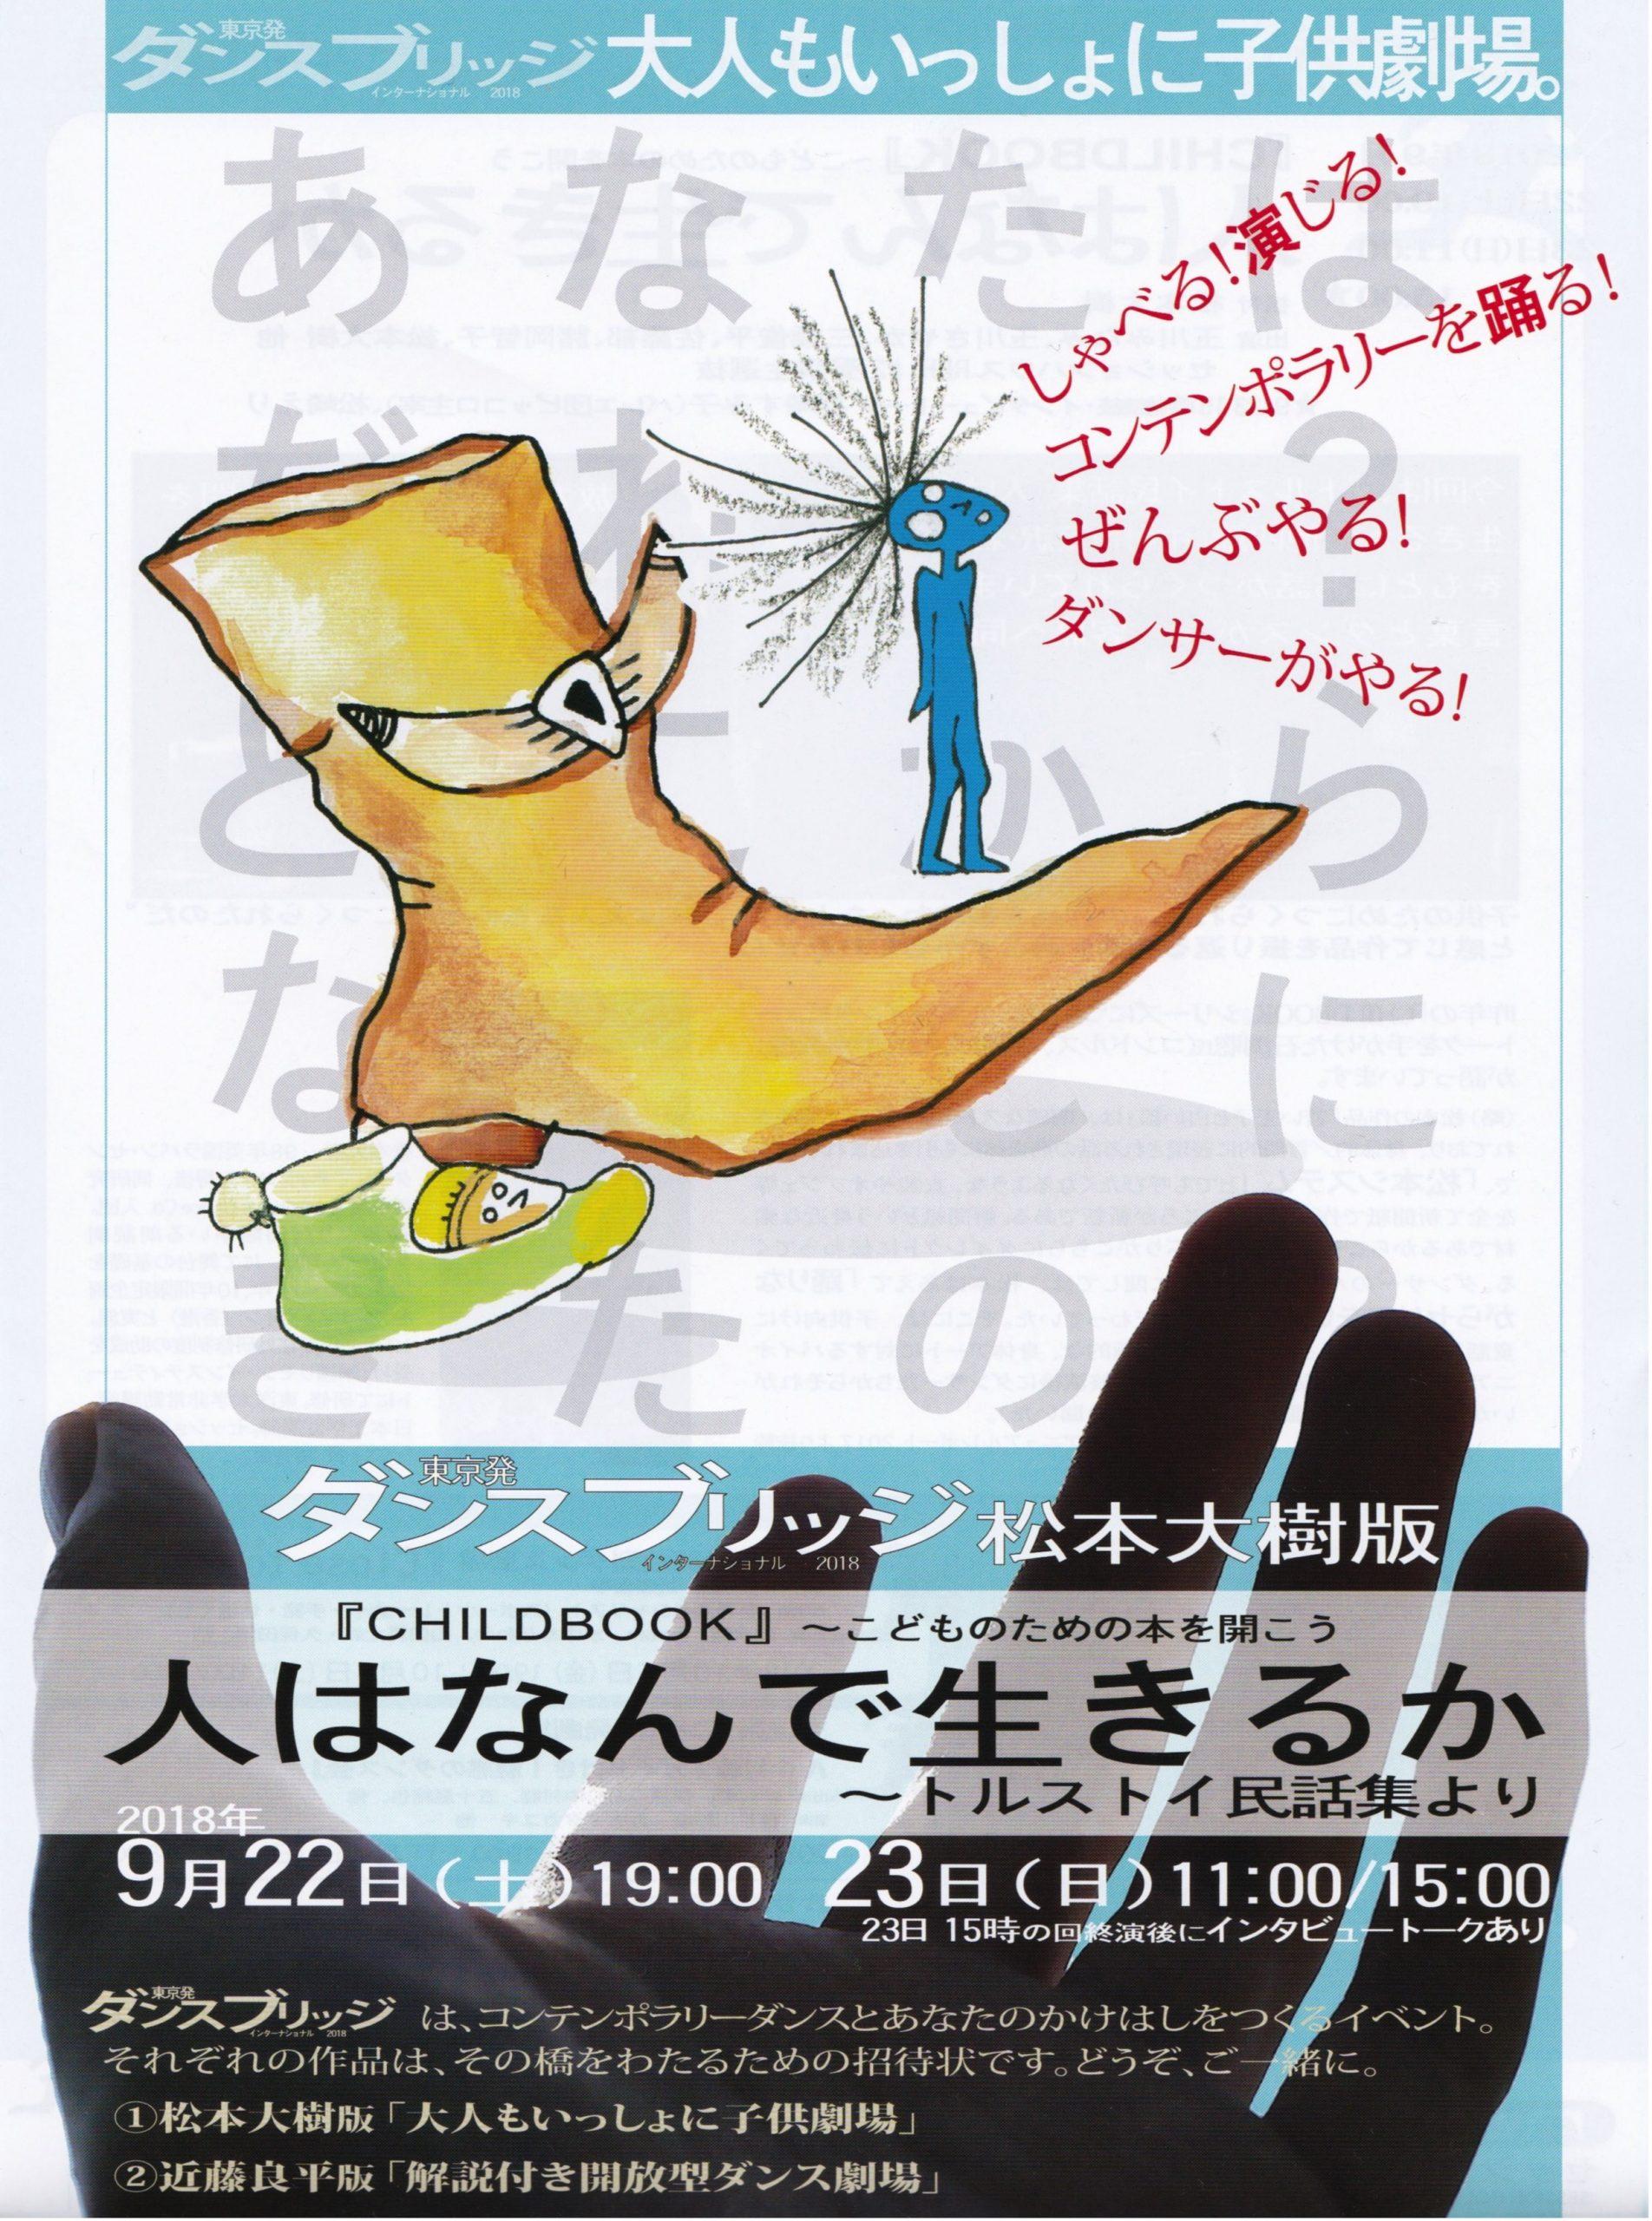 ダンスブリッジインターナショナル2018 松本大樹版